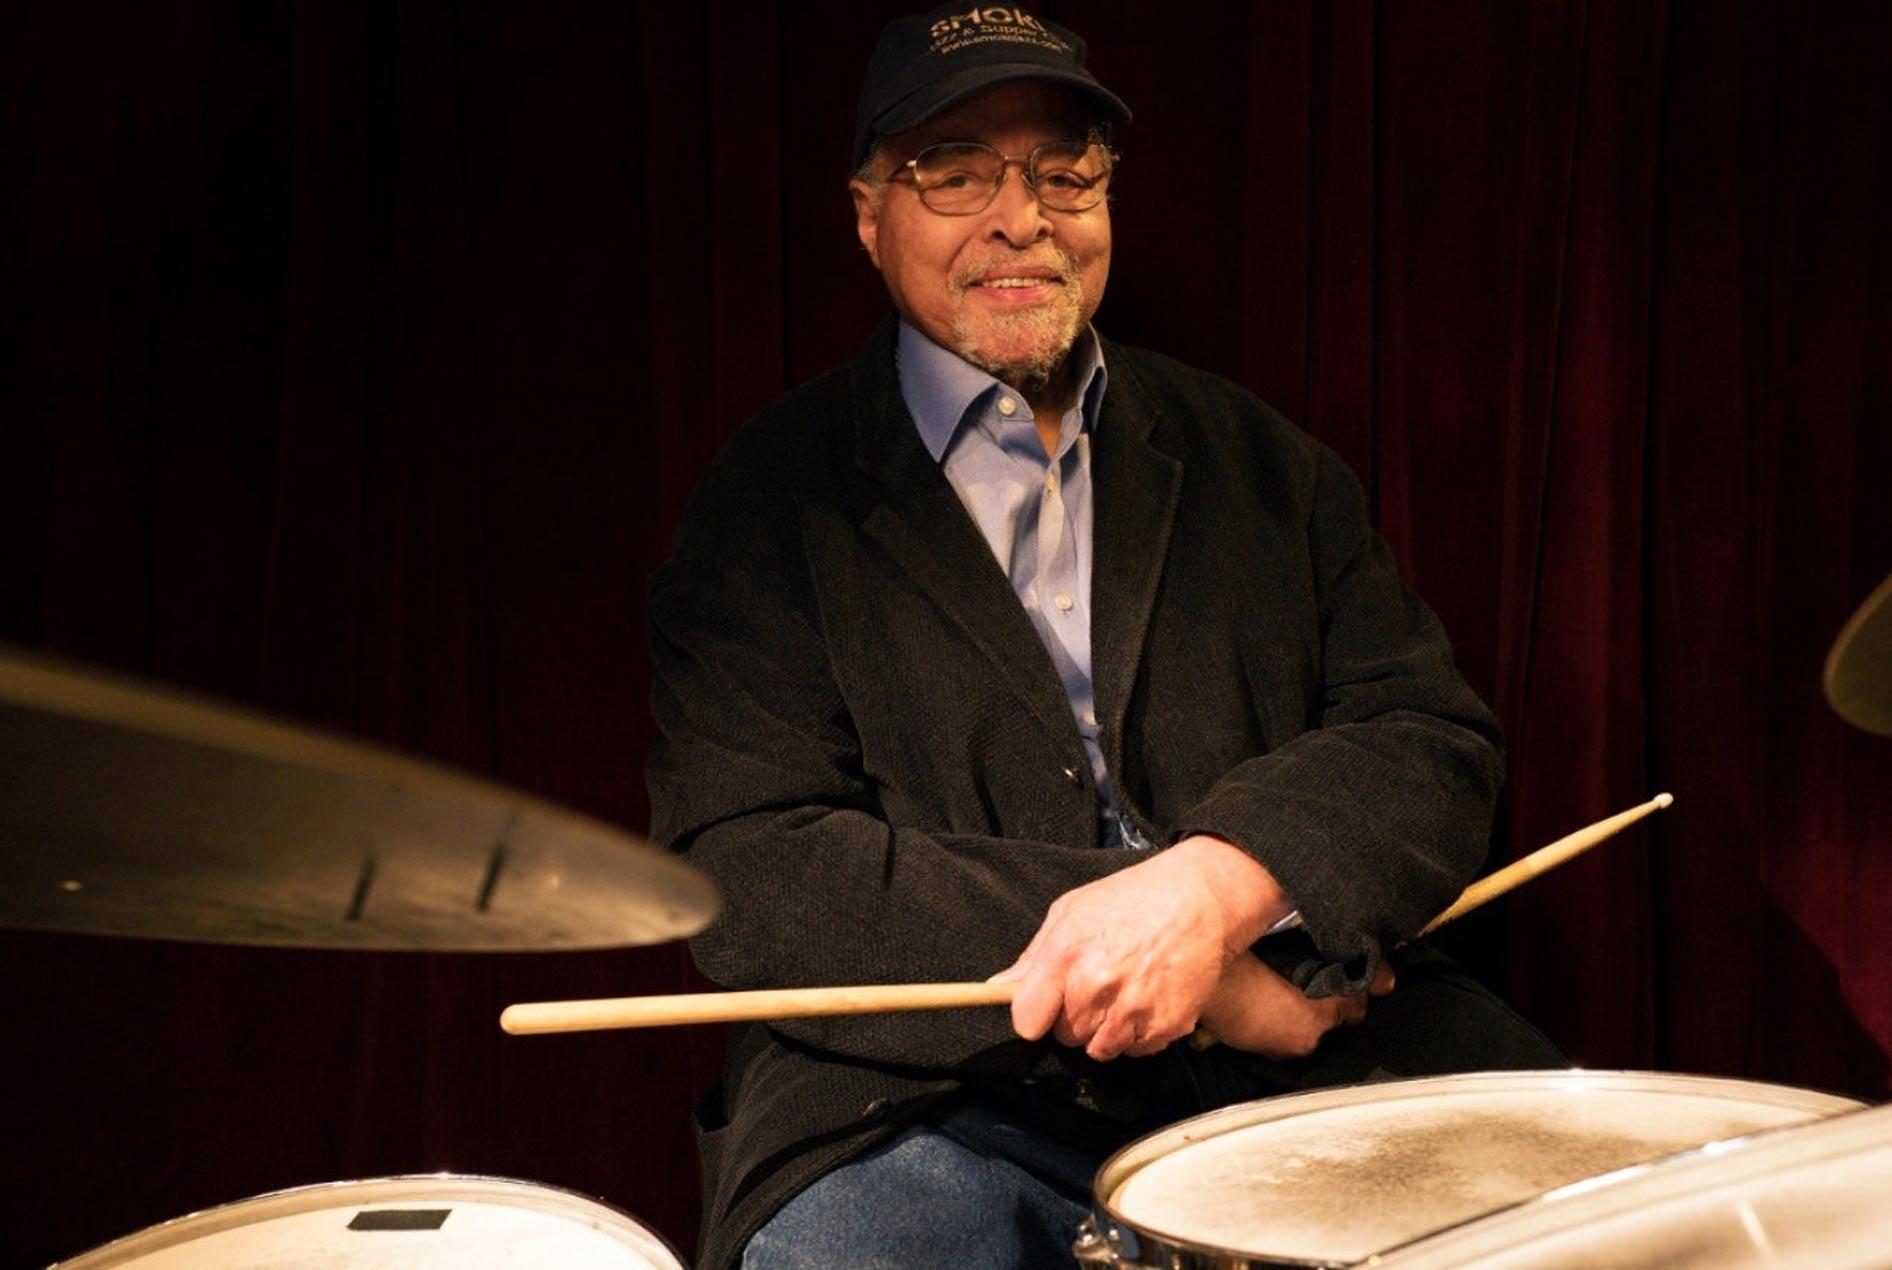 El legendario batería de jazz Jimmy Cobb pide ayuda económica